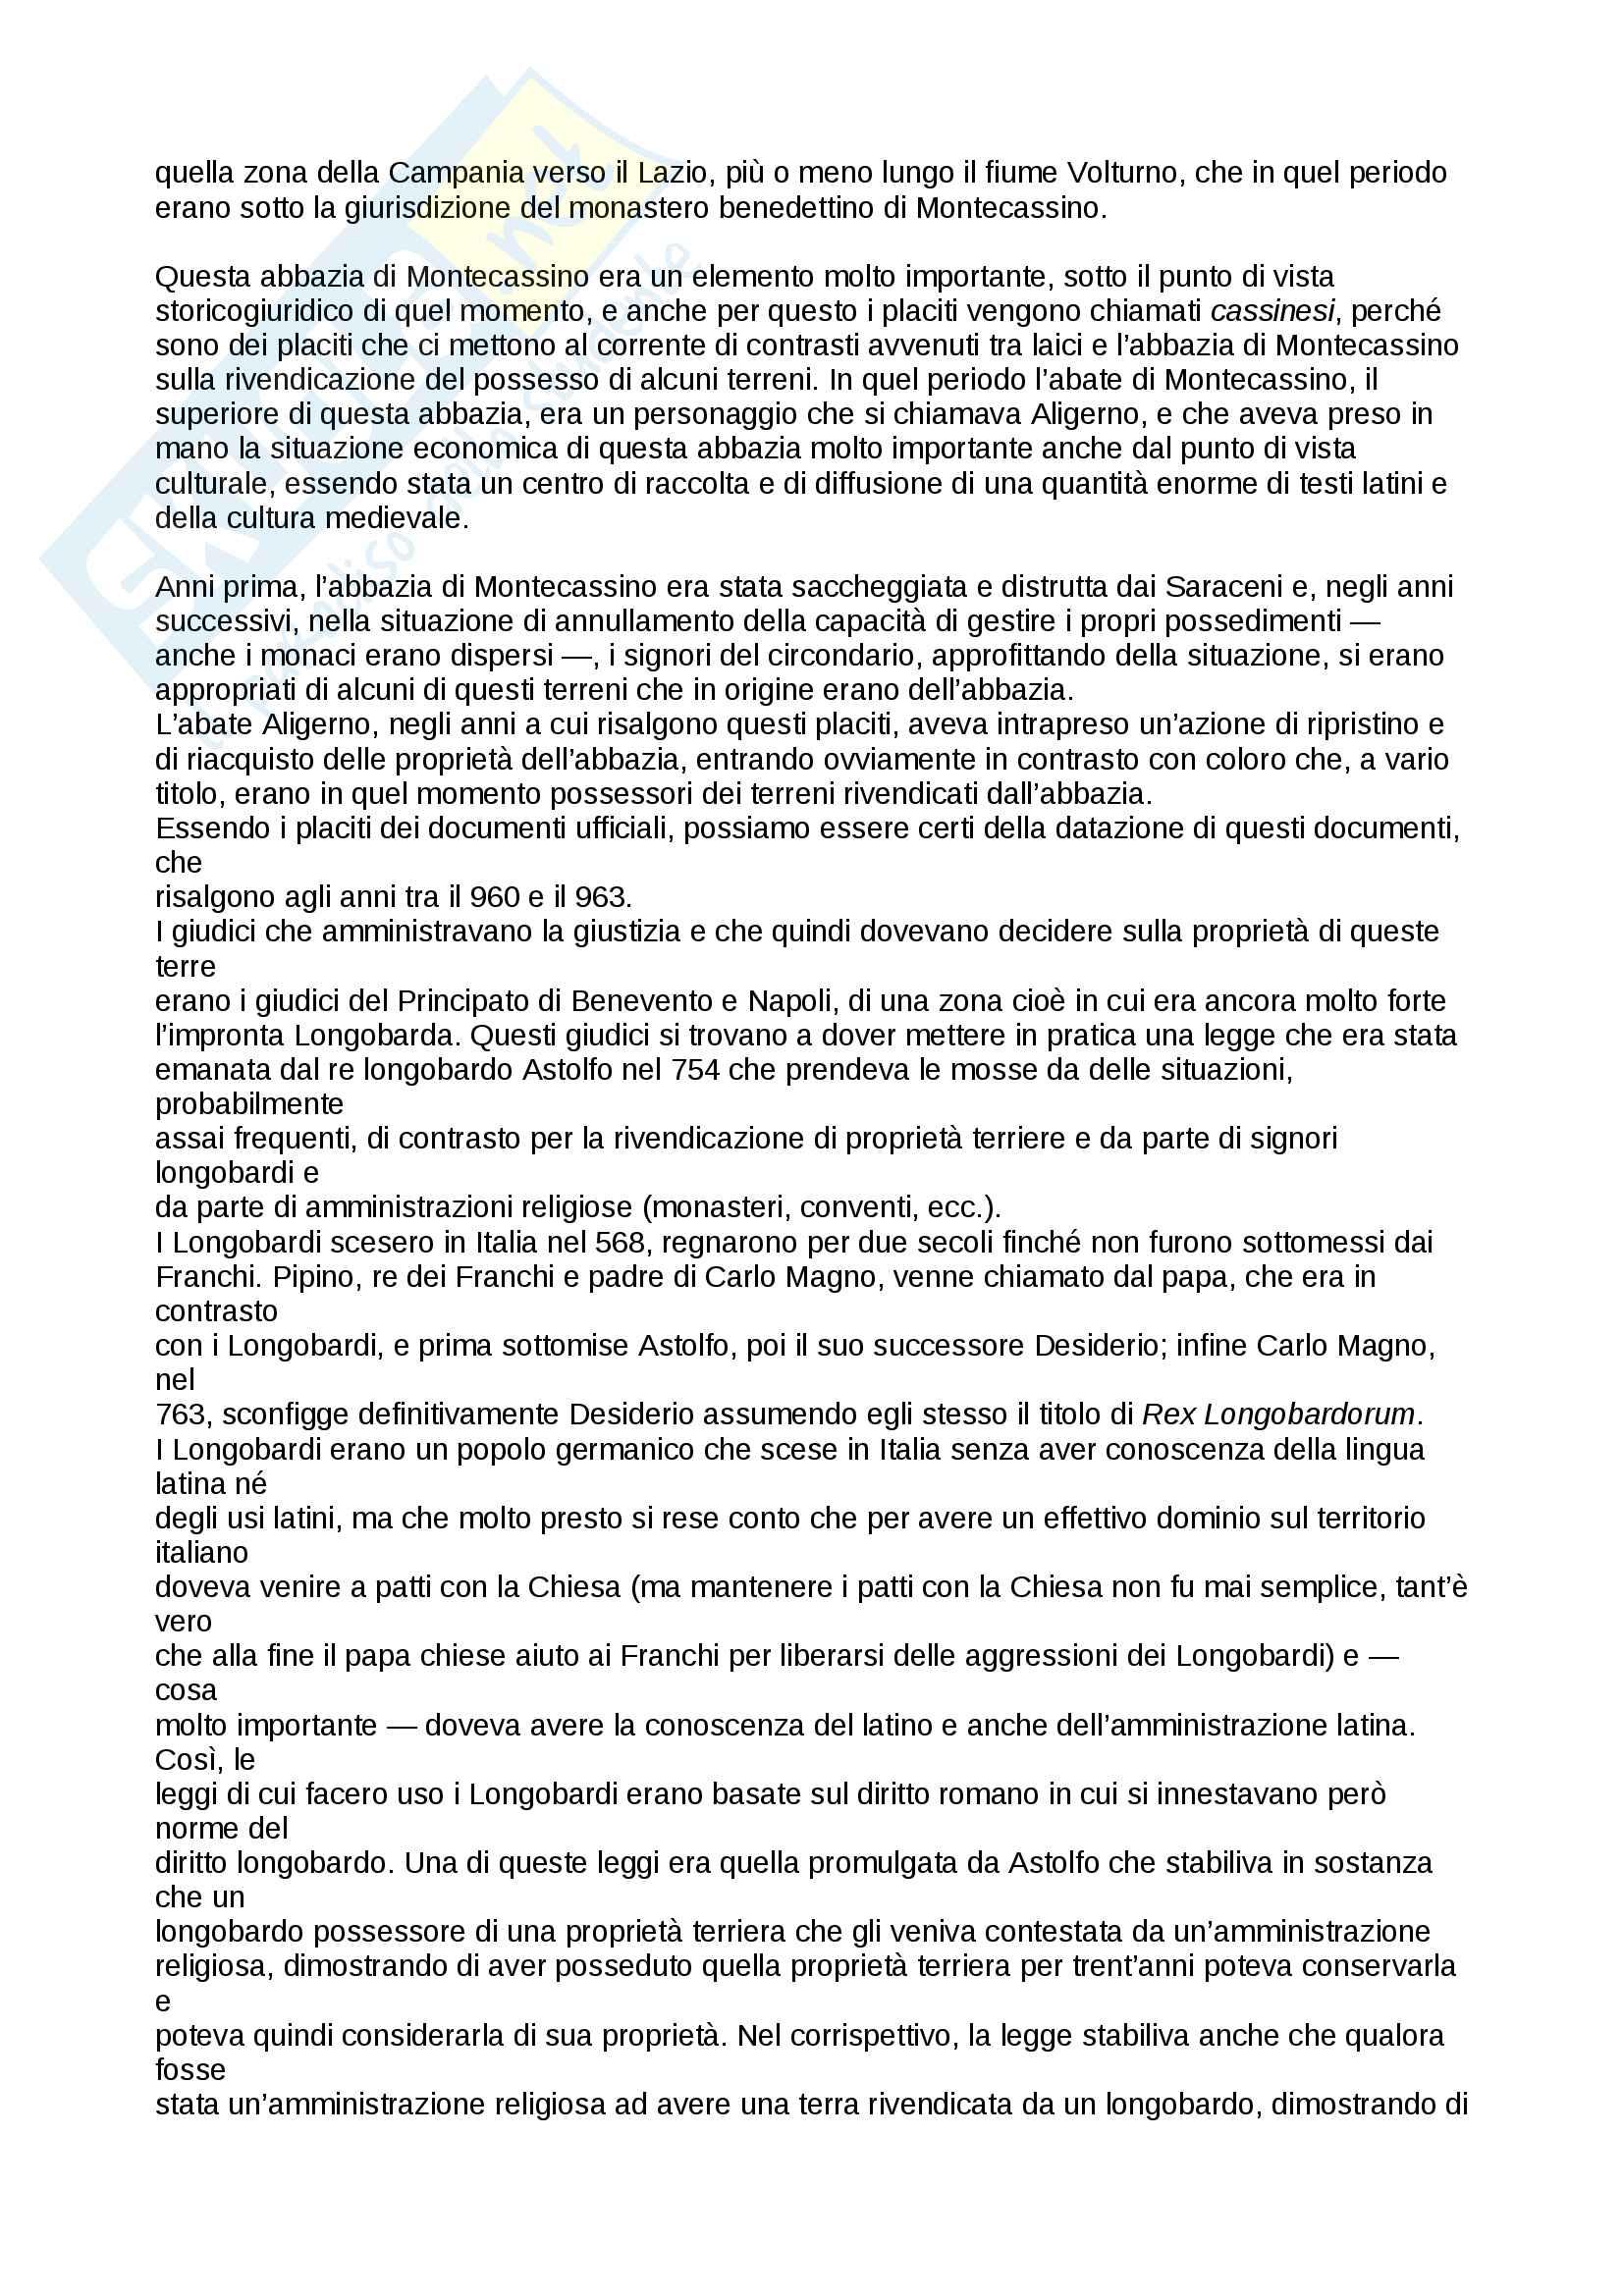 Placiti Campani - contesto storico e analisi linguistica Pag. 2